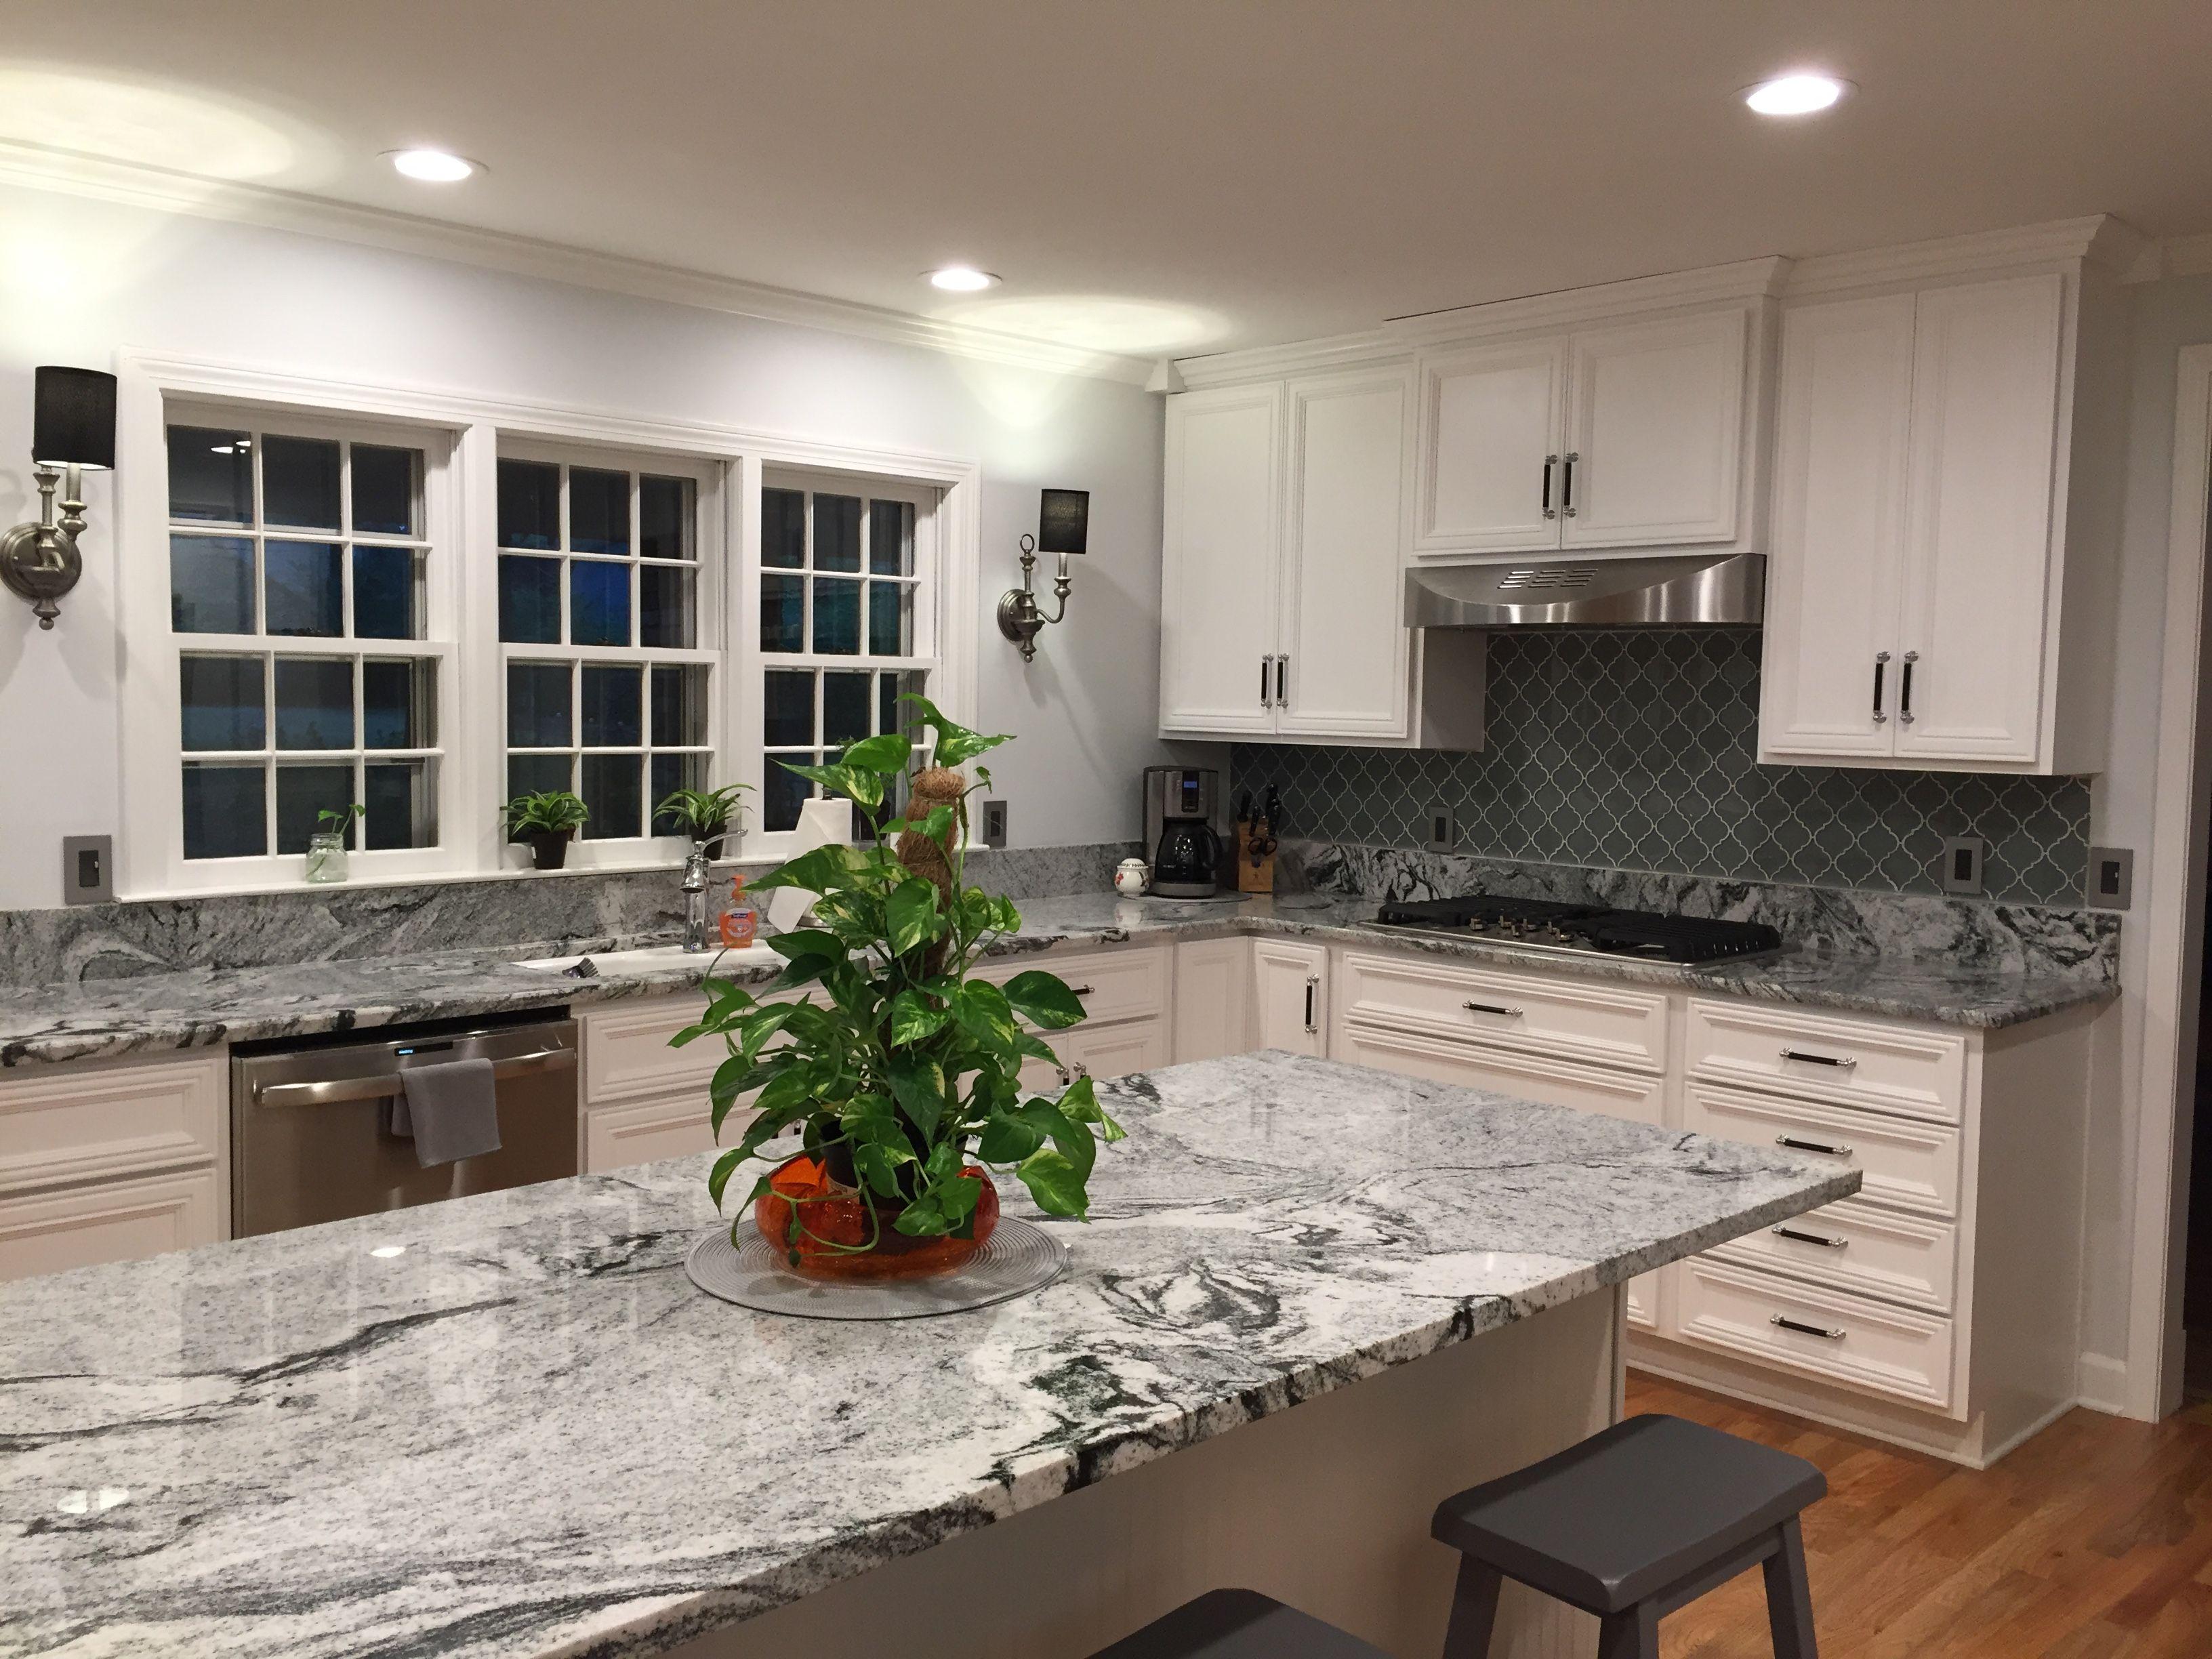 Granite Viscon White Backsplash Arabesque glass tile